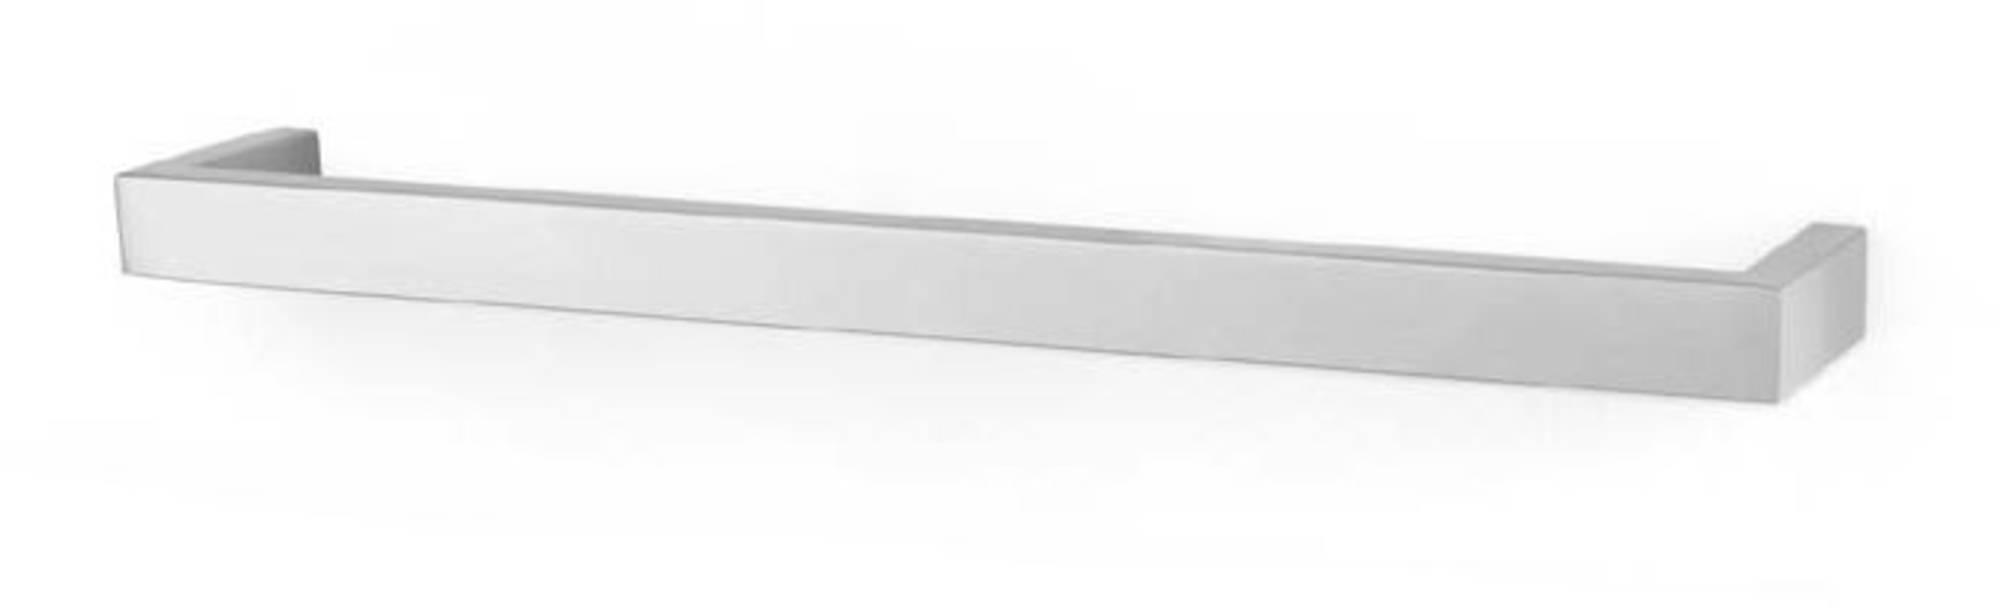 ZACK Linea handdoekstang M 46,5x7,7x3 cm Geborsteld RVS